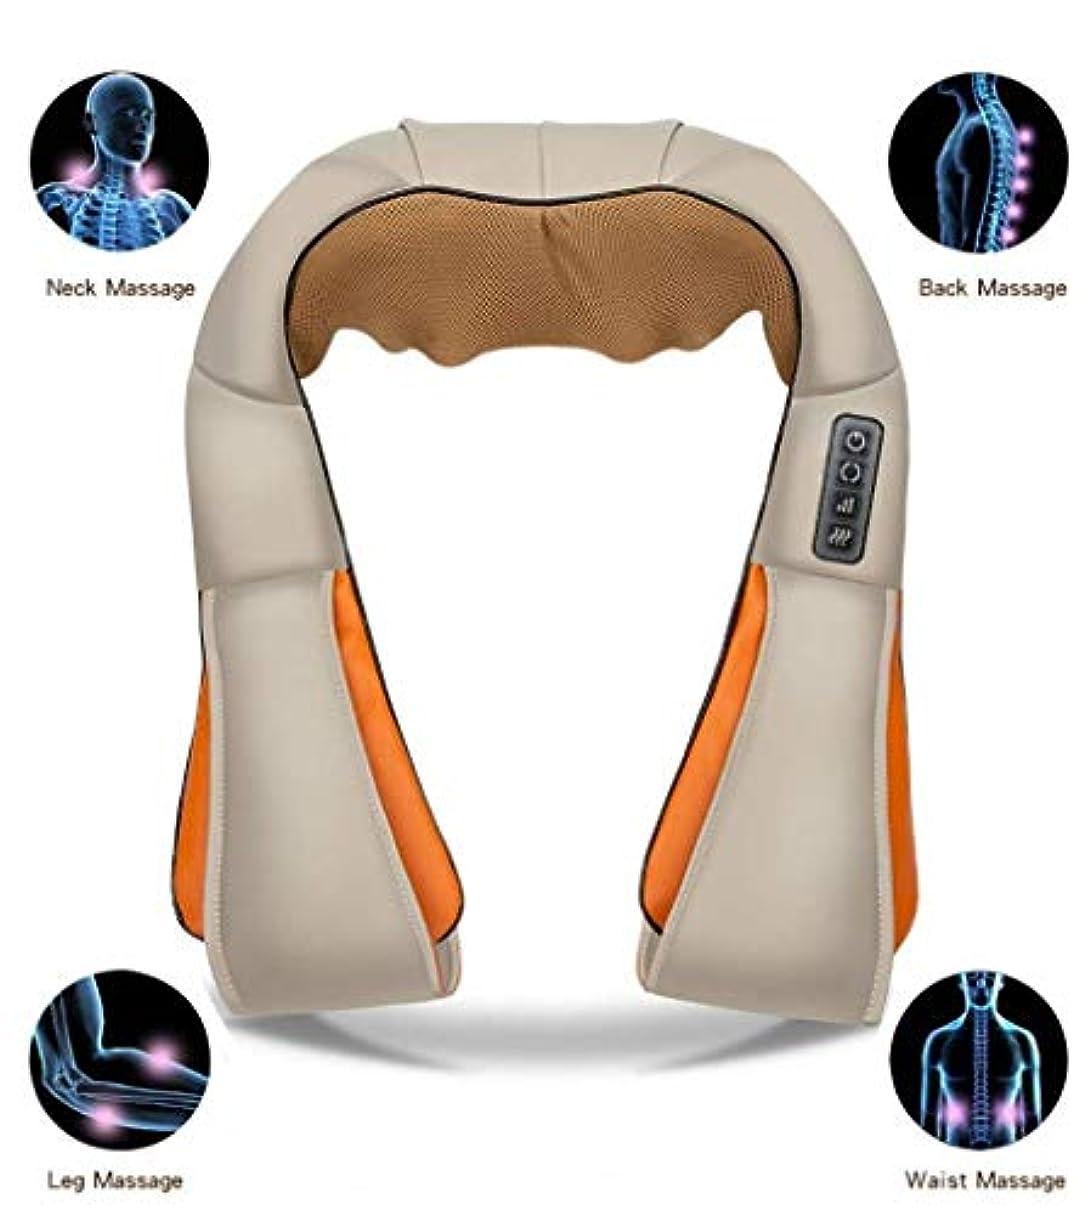 おとなしいバクテリアピンチ肩/首マッサージ器、赤外線加熱混練マッサージ、ホーム/カーオフィスU字型の電気指圧マッサージ